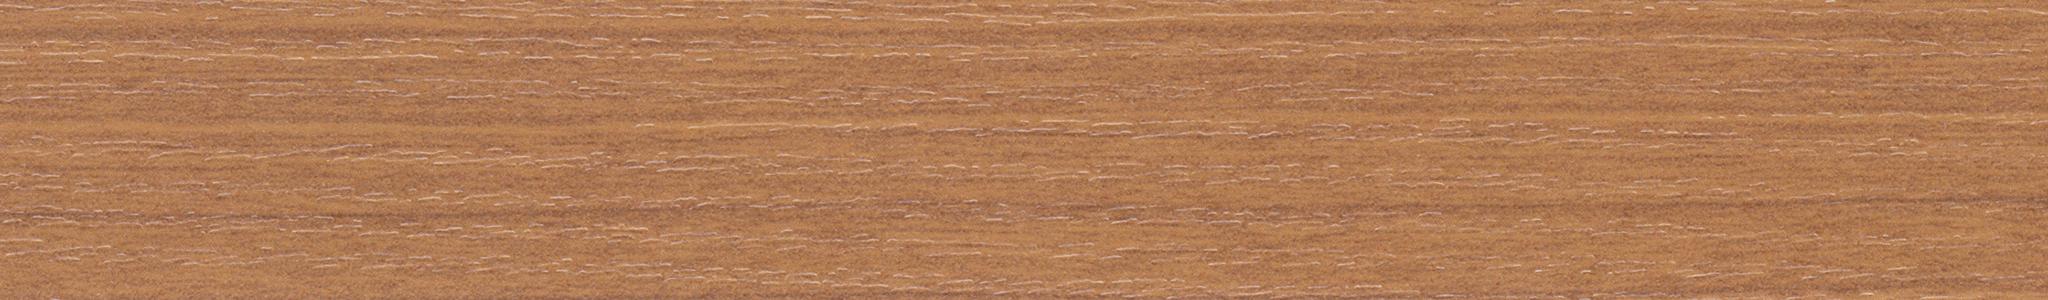 HD 42507 Chant Mélaminé Cerisier Graine